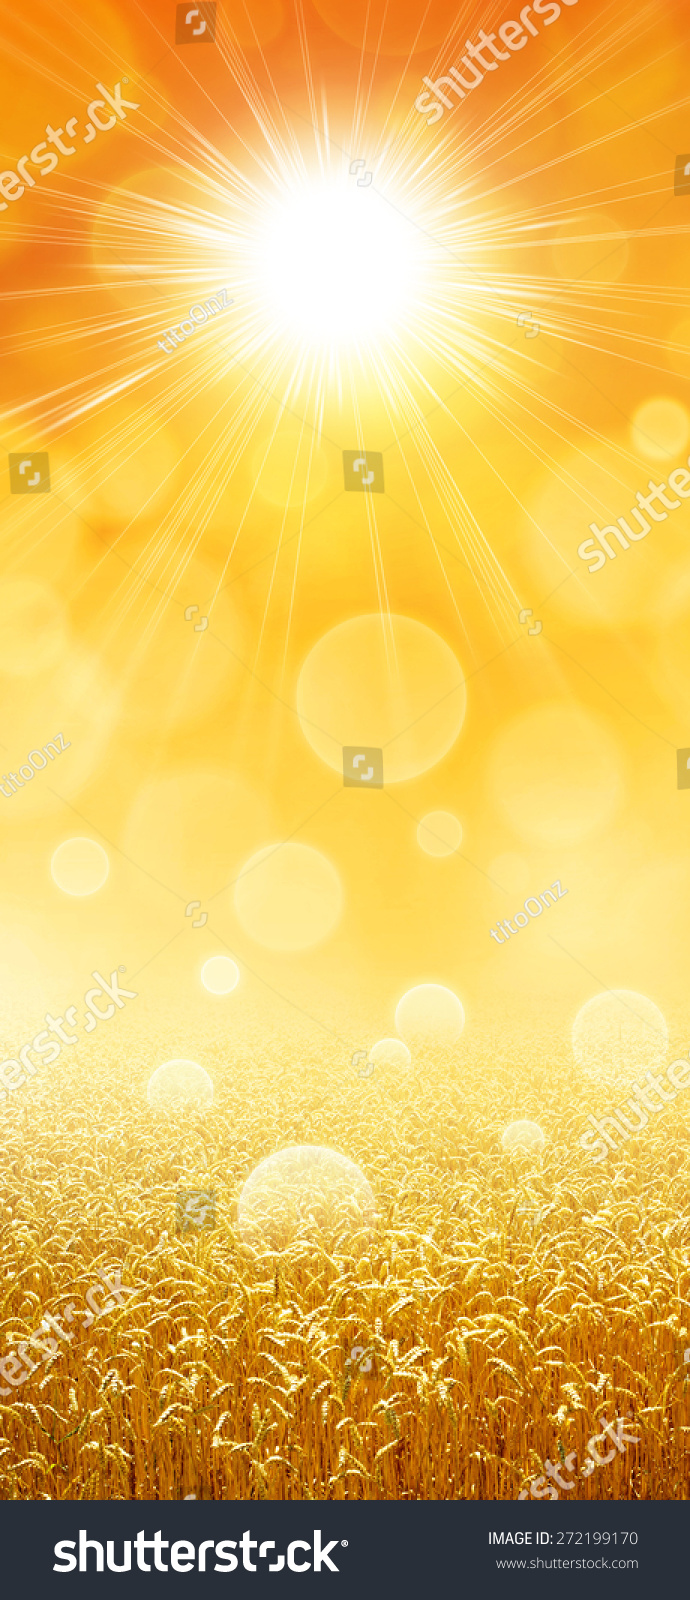 炎热的夏天的阳光下成长的麦田-背景/素材